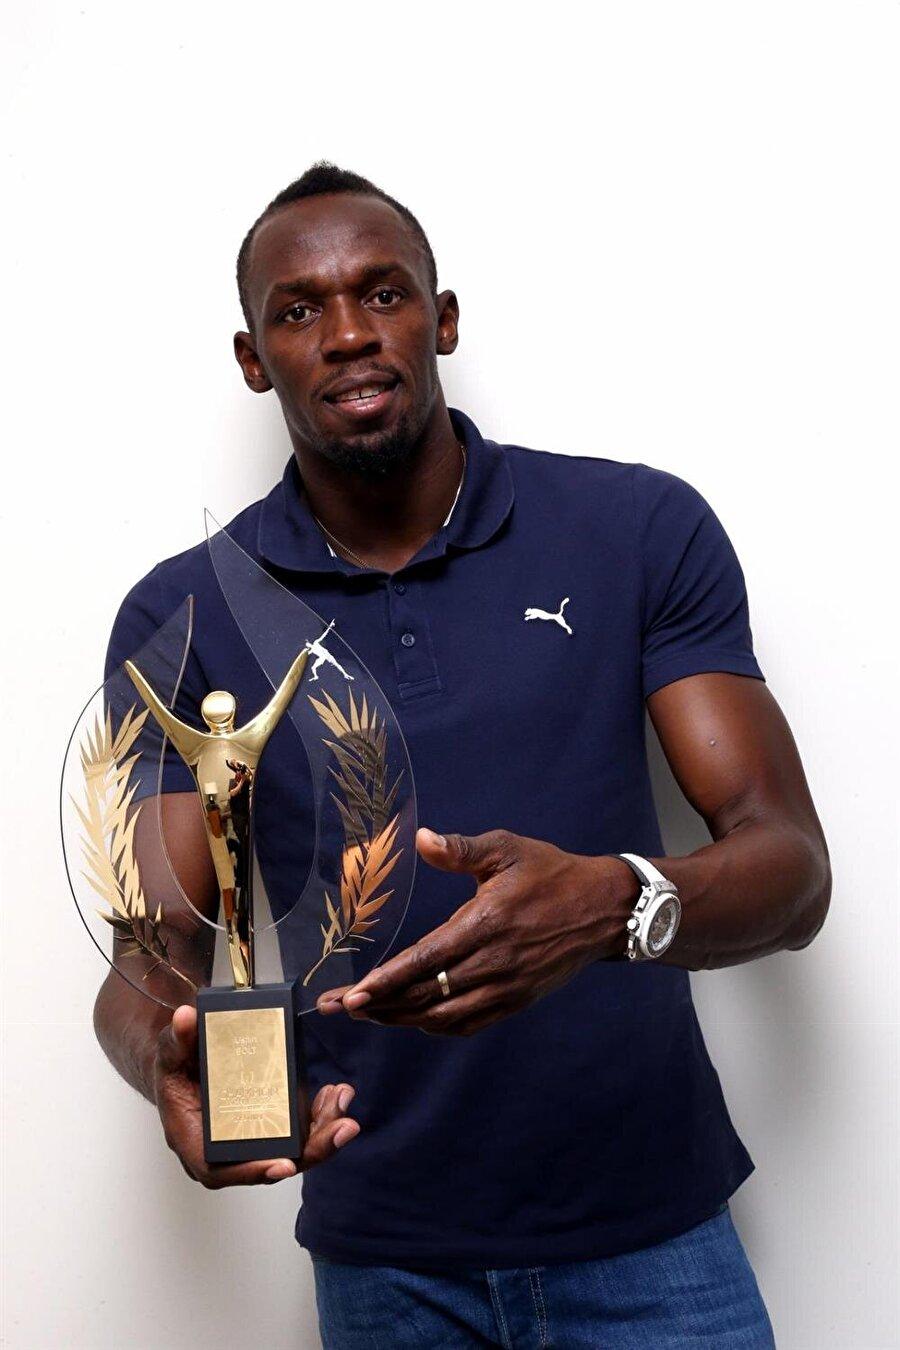 L'Équipe'den ödül                                                                                                                                                     Fransız L'Équipe Gazetesi ise Bolt'u 2008, 2009, 2012 ve 2015 yıllarında en başarılı sporcu olarak seçti.